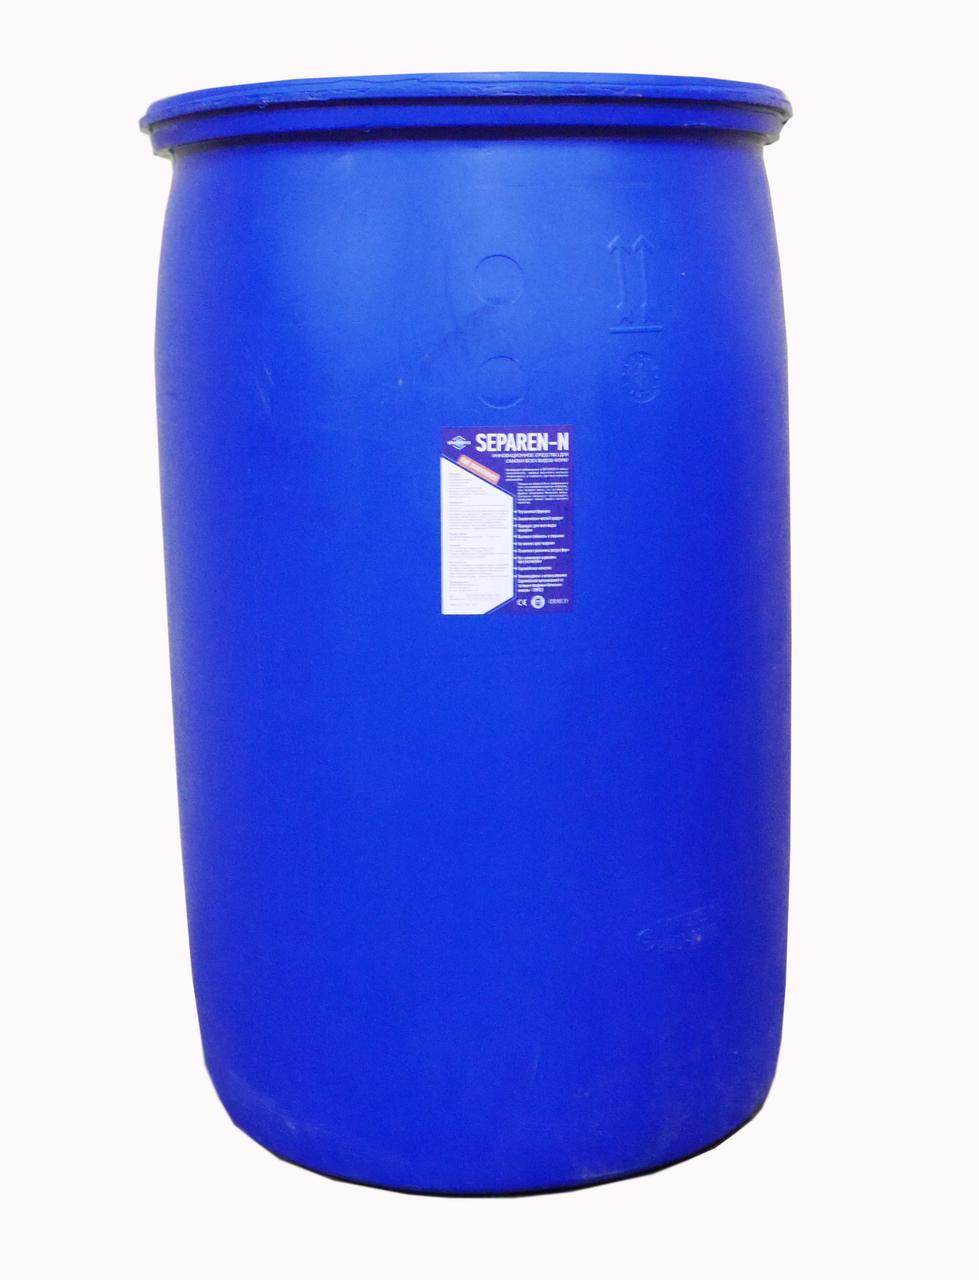 Сепарен - смазка для опалубки, 200 литров